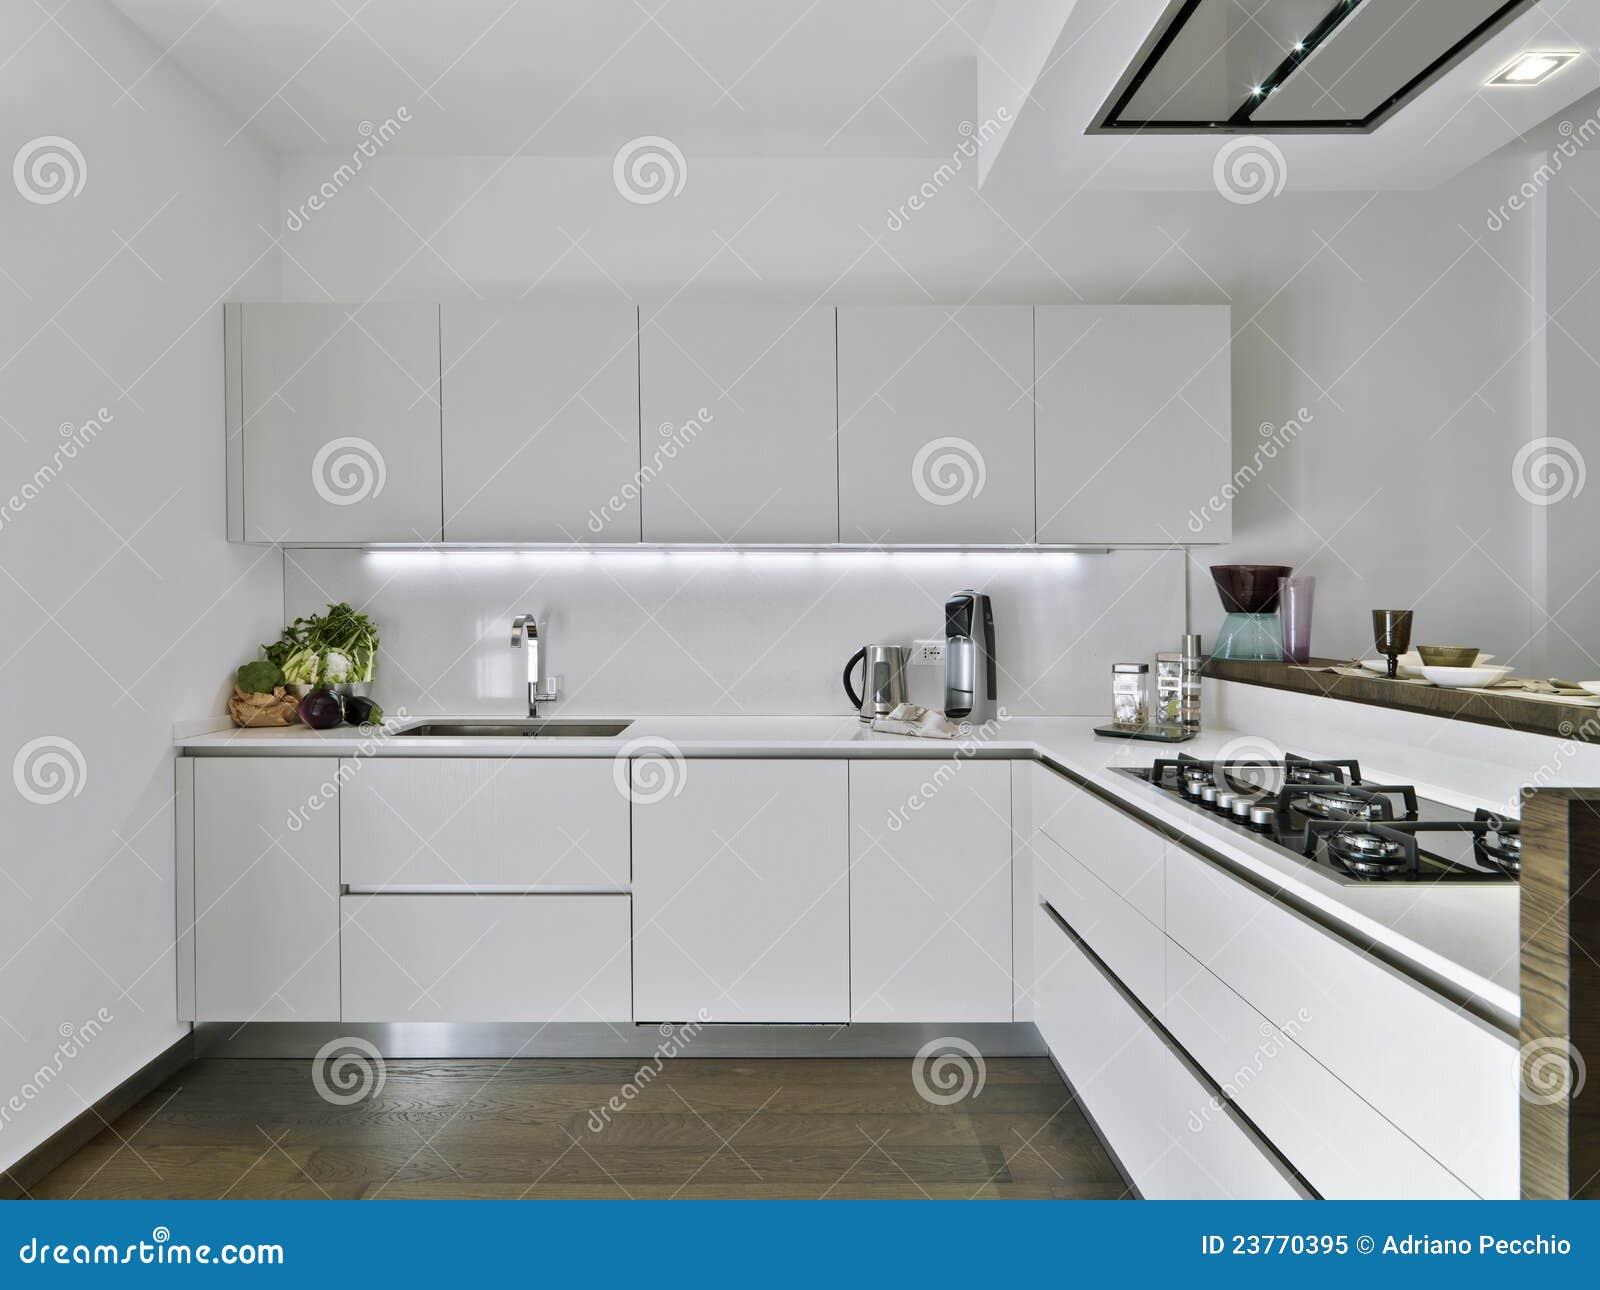 Cocina blanca moderna imagen de archivo imagen de golpecito 23770395 - Cocina blanca moderna ...